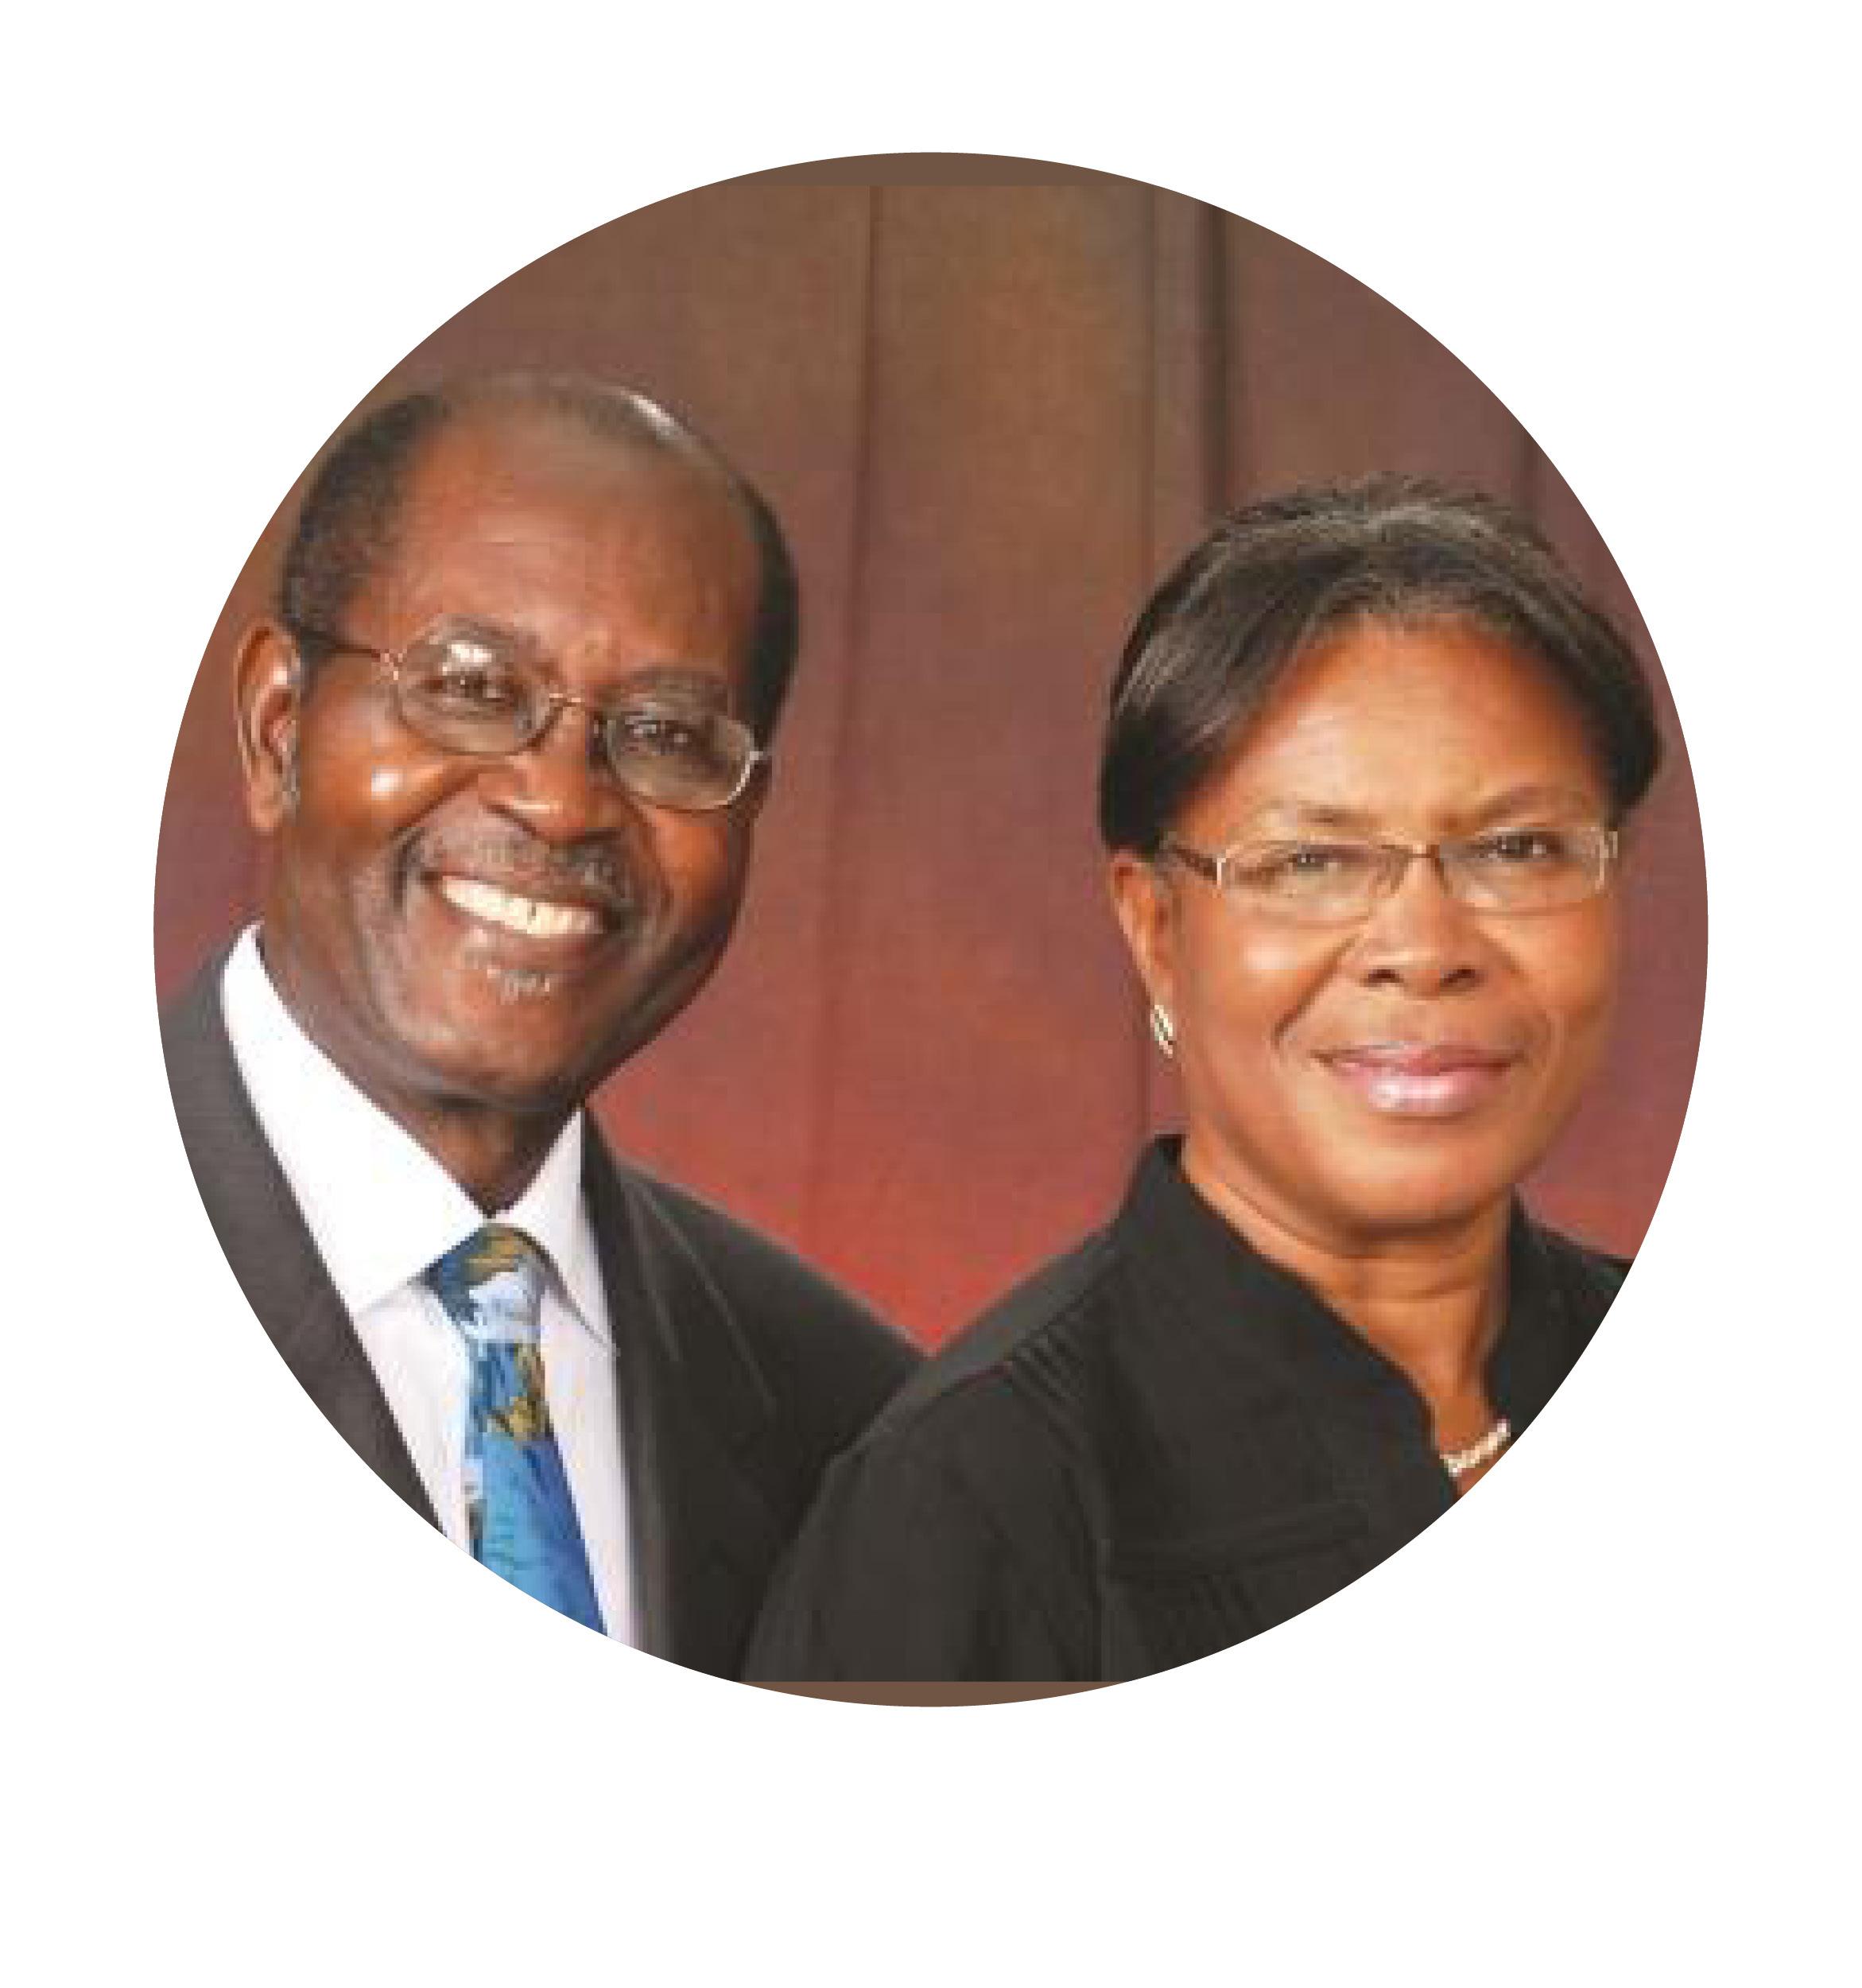 Rev. Lucien & Mrs. Maude Saul